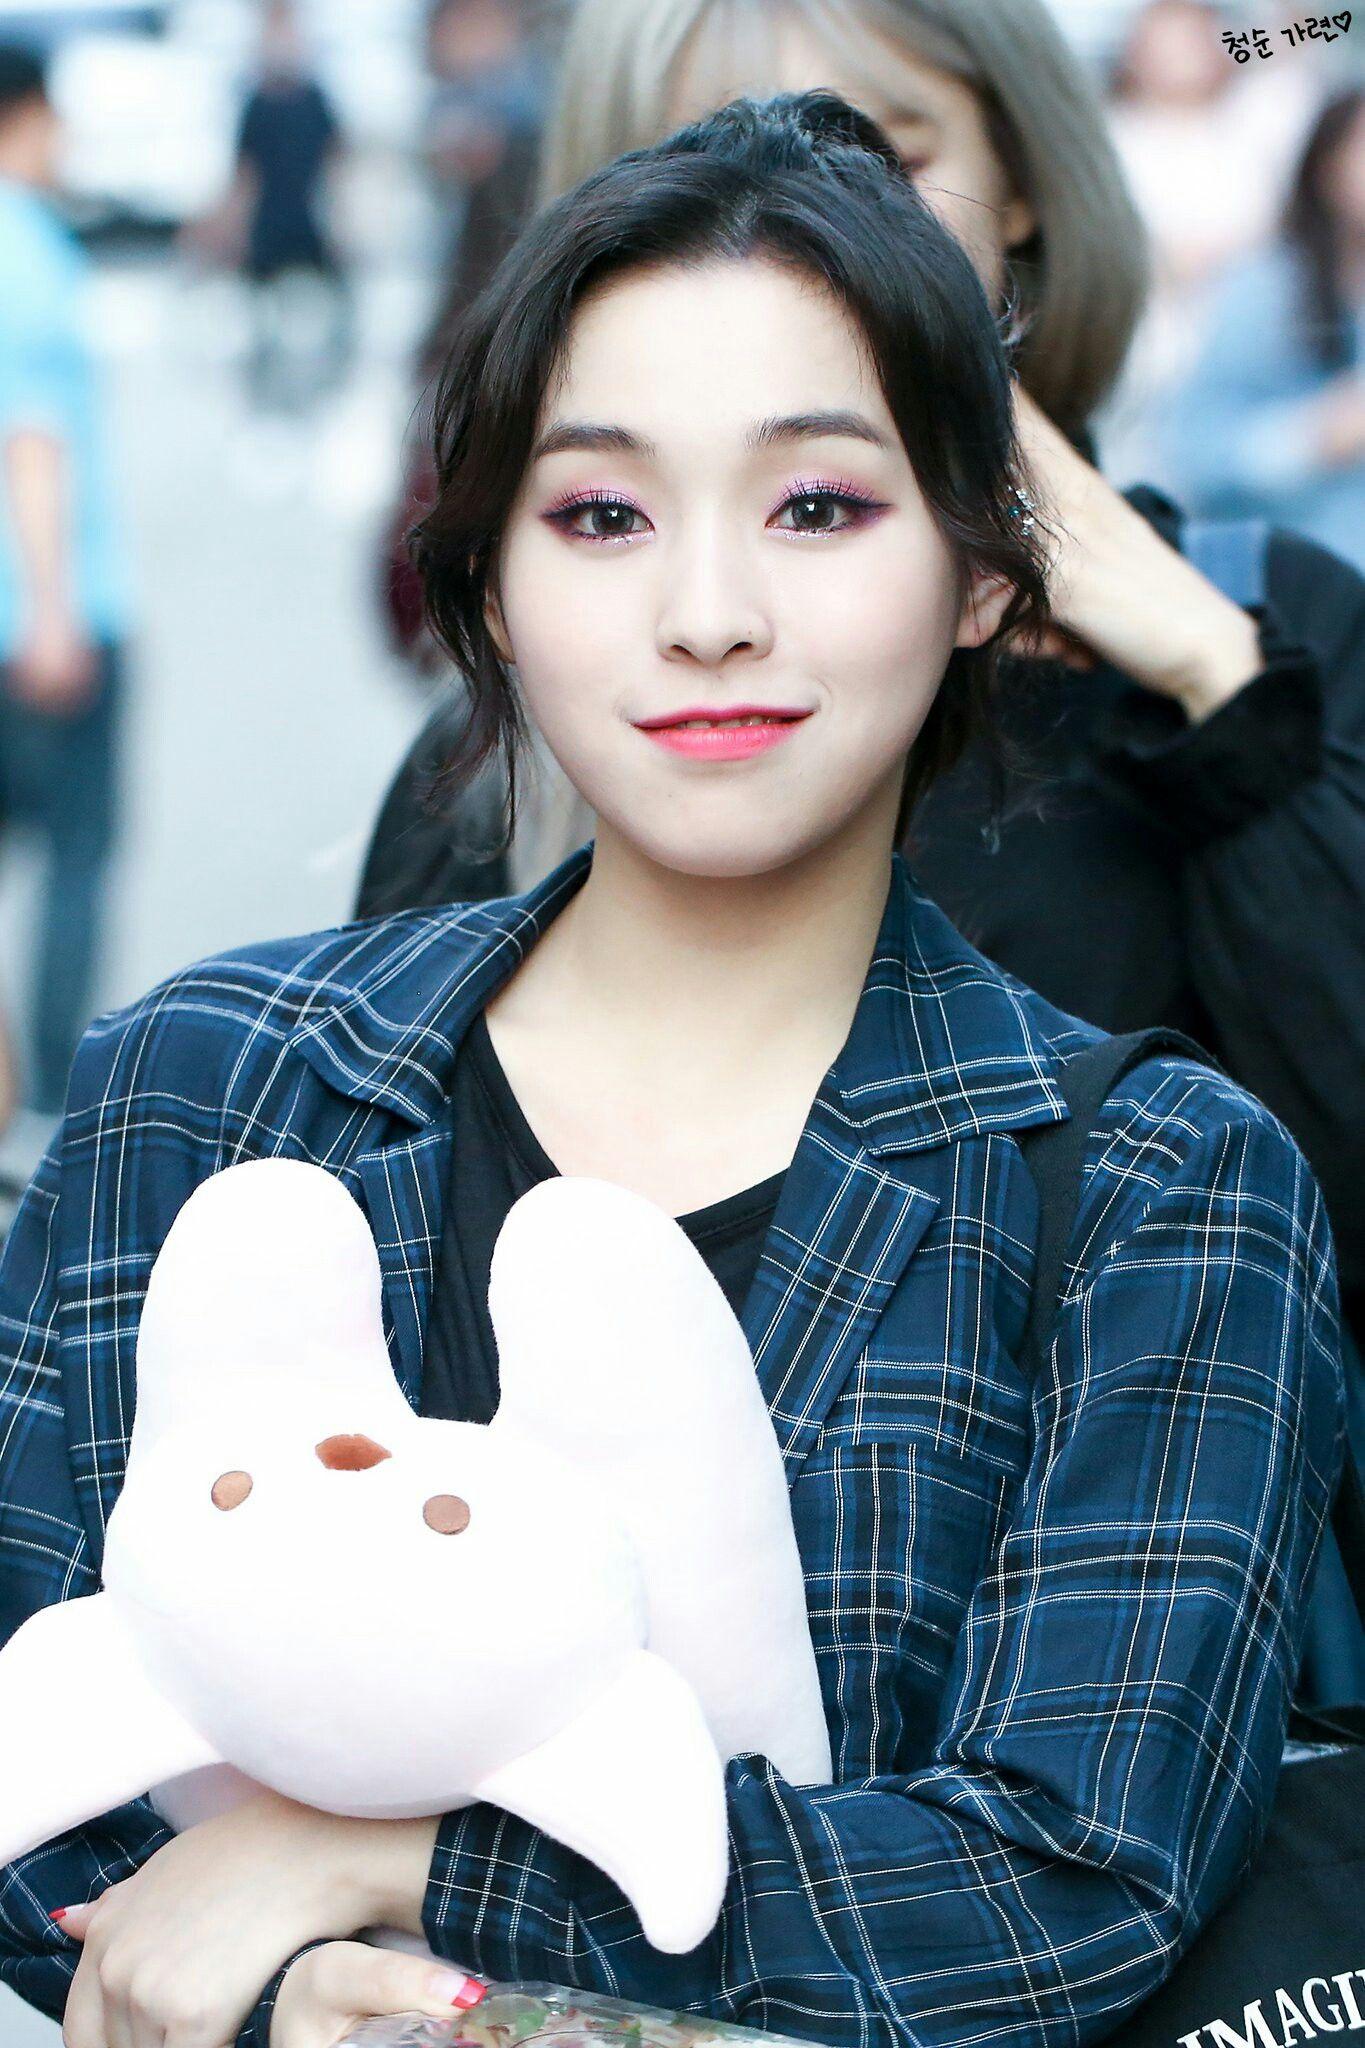 Pin By Dubu On Kpop Dreamcatcher Dream Catcher Kpop Girls Girl Group